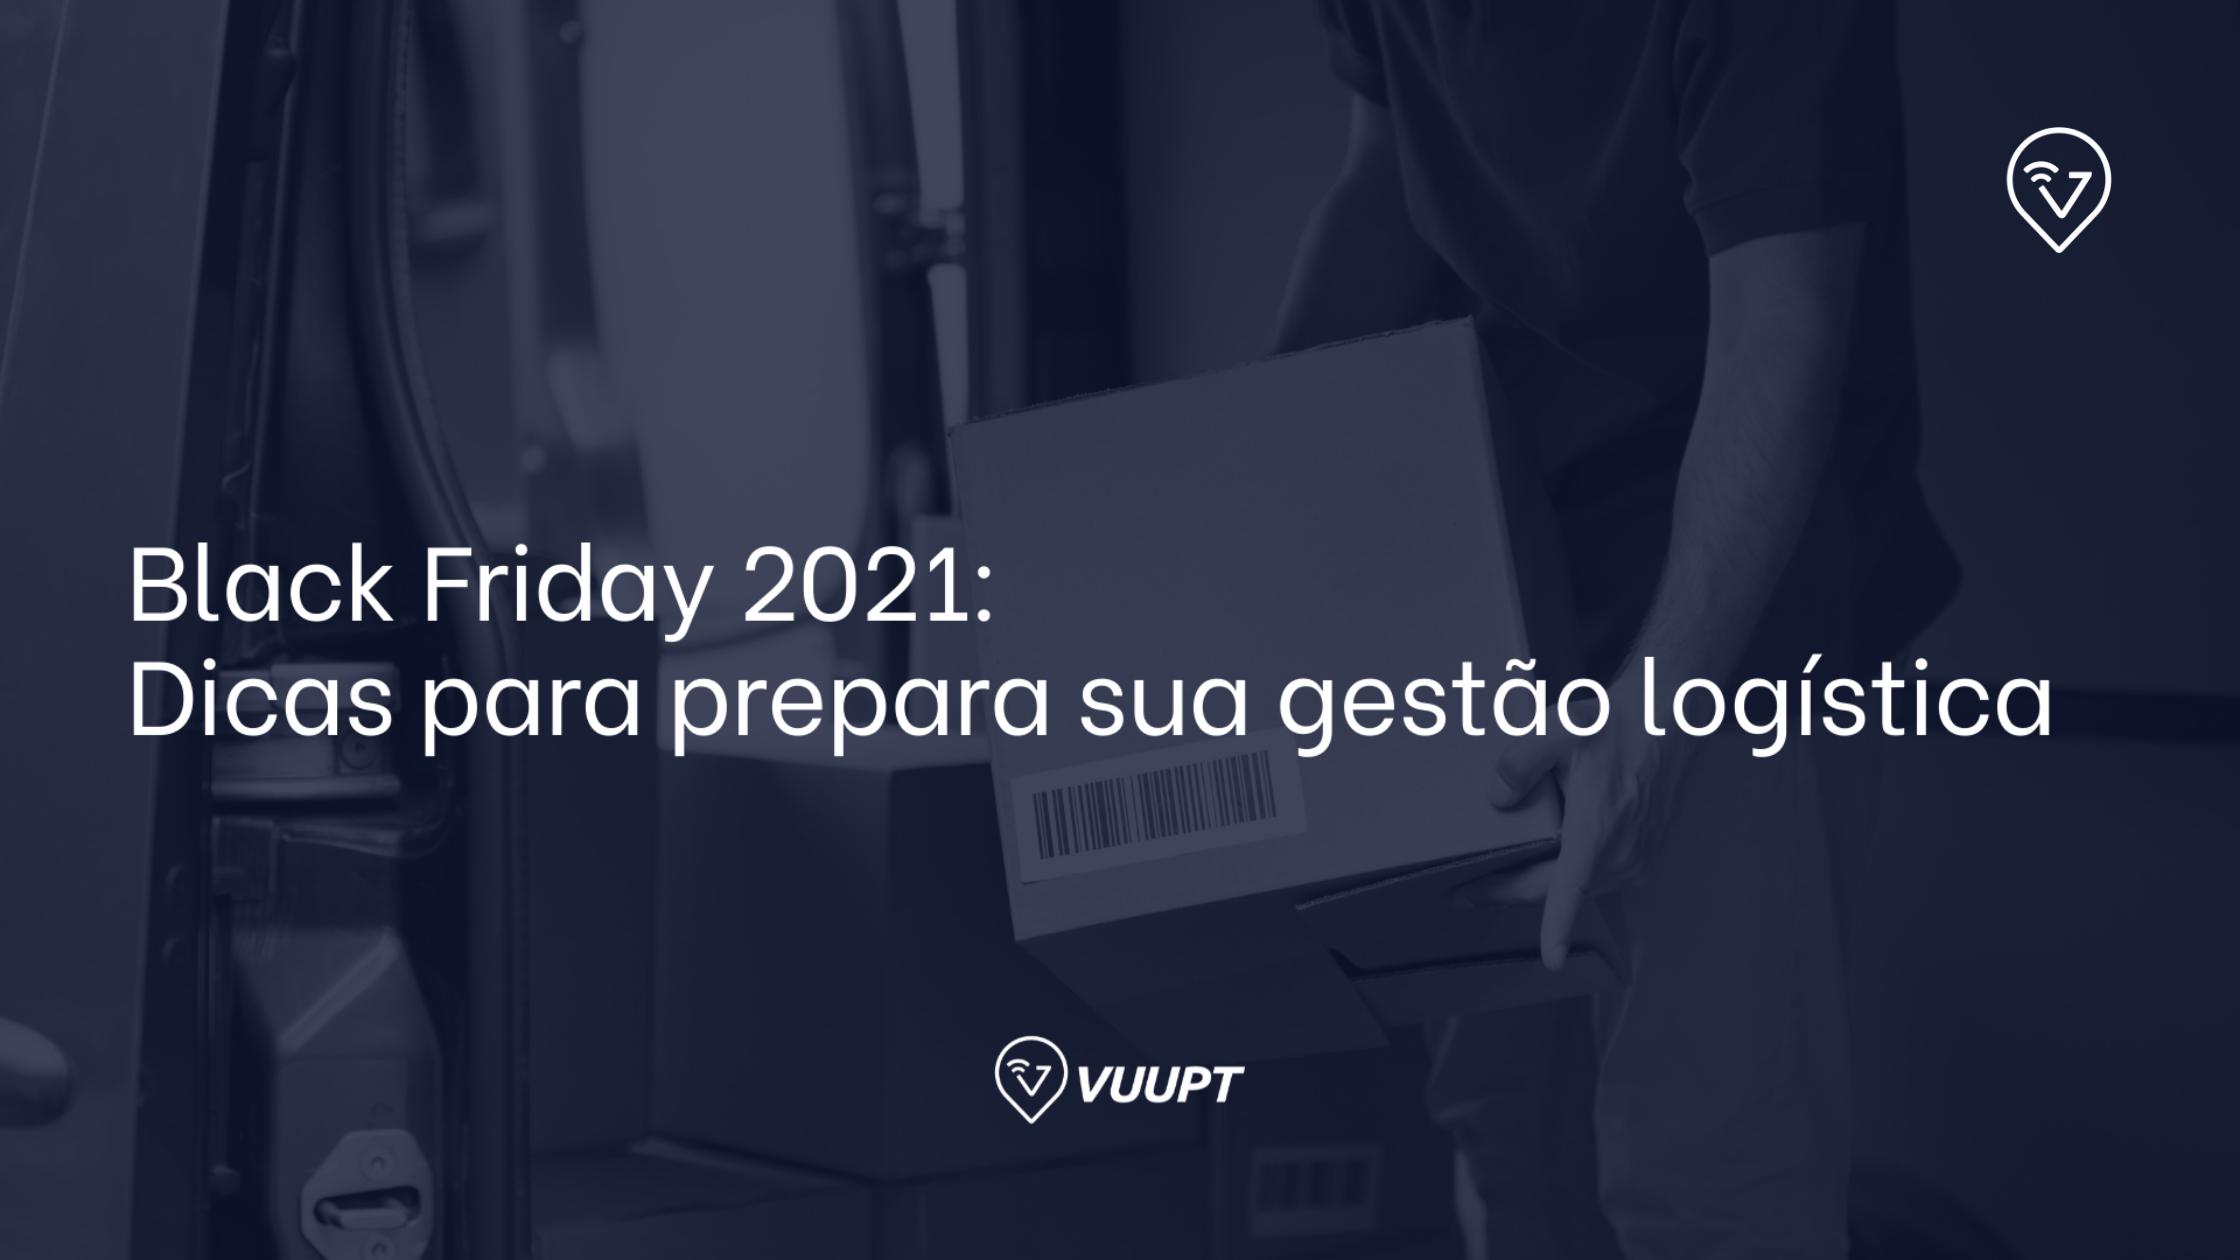 [EBOOK] Black Friday 2021: Dicas para preparar sua gestão logística